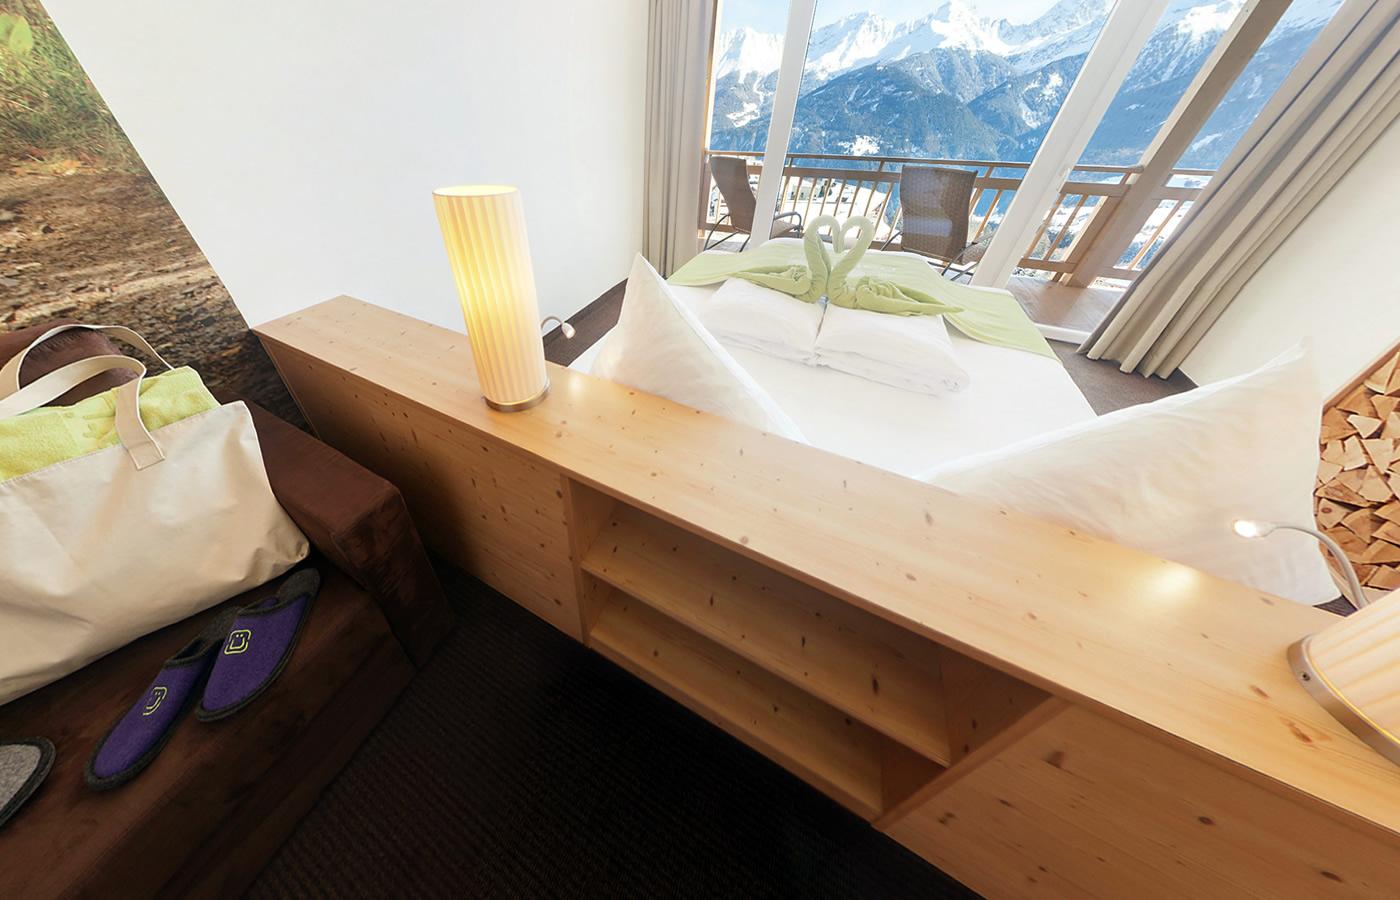 Komfortzimmer im Natürlich. Hotel mit Charakter in Tirol, Österreich.